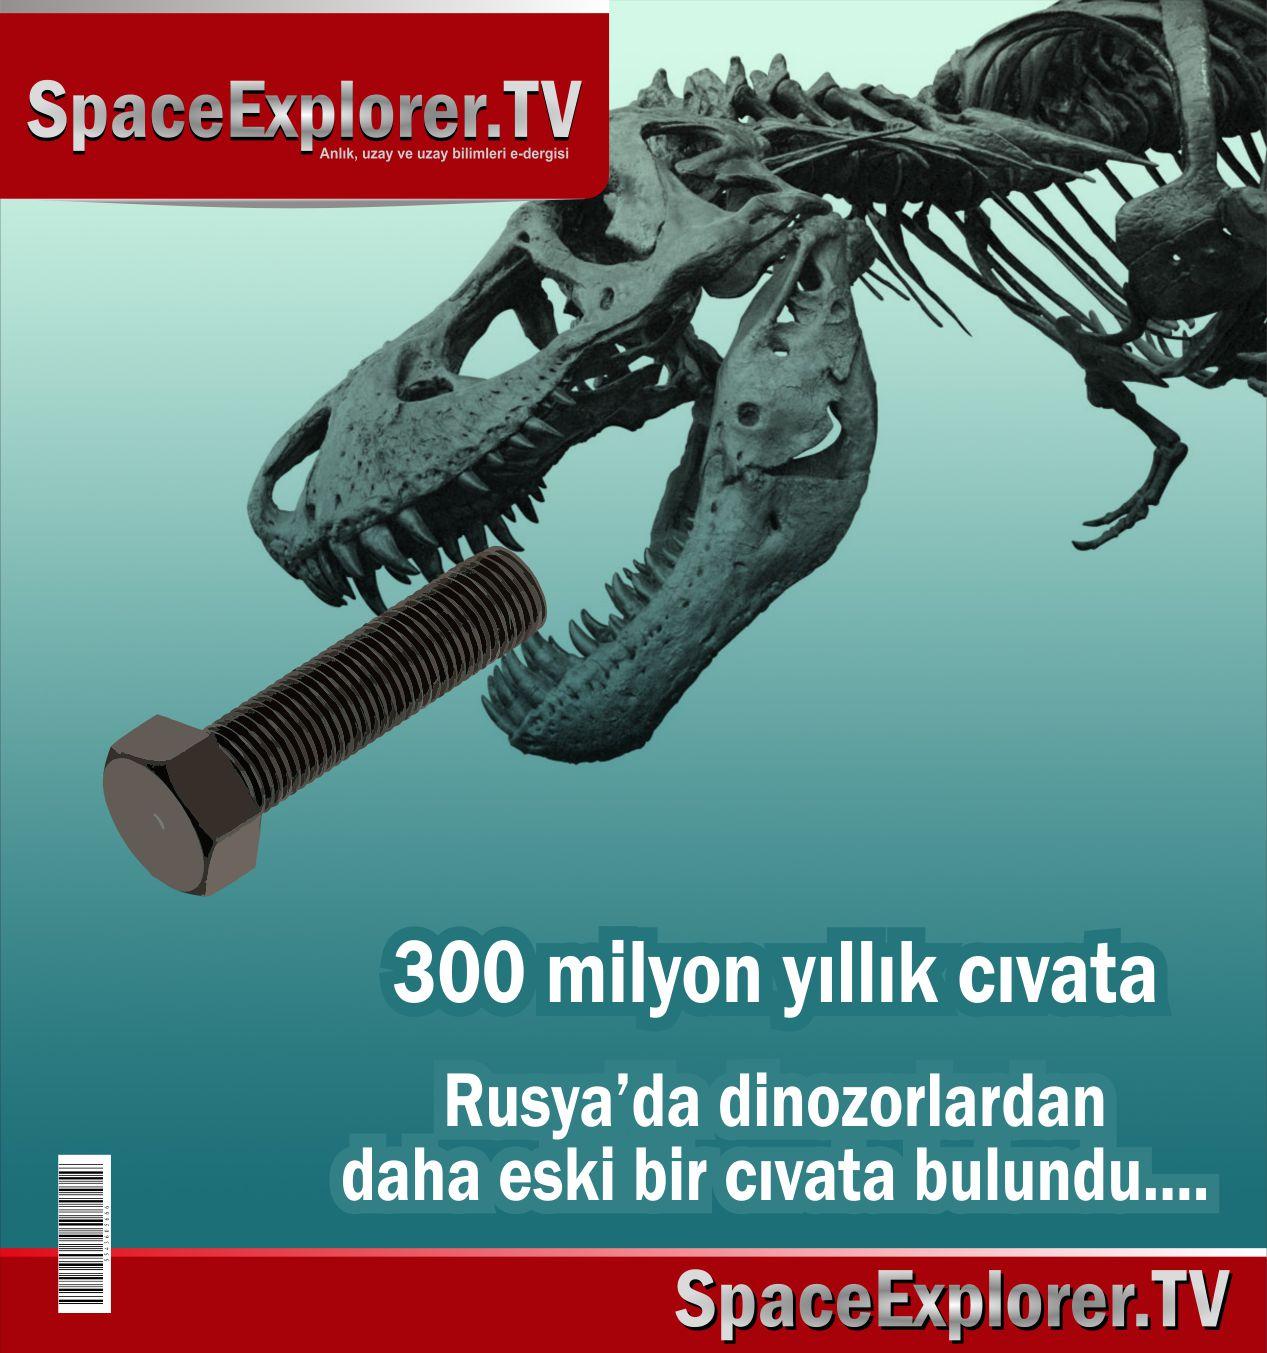 spaceexplorer tv